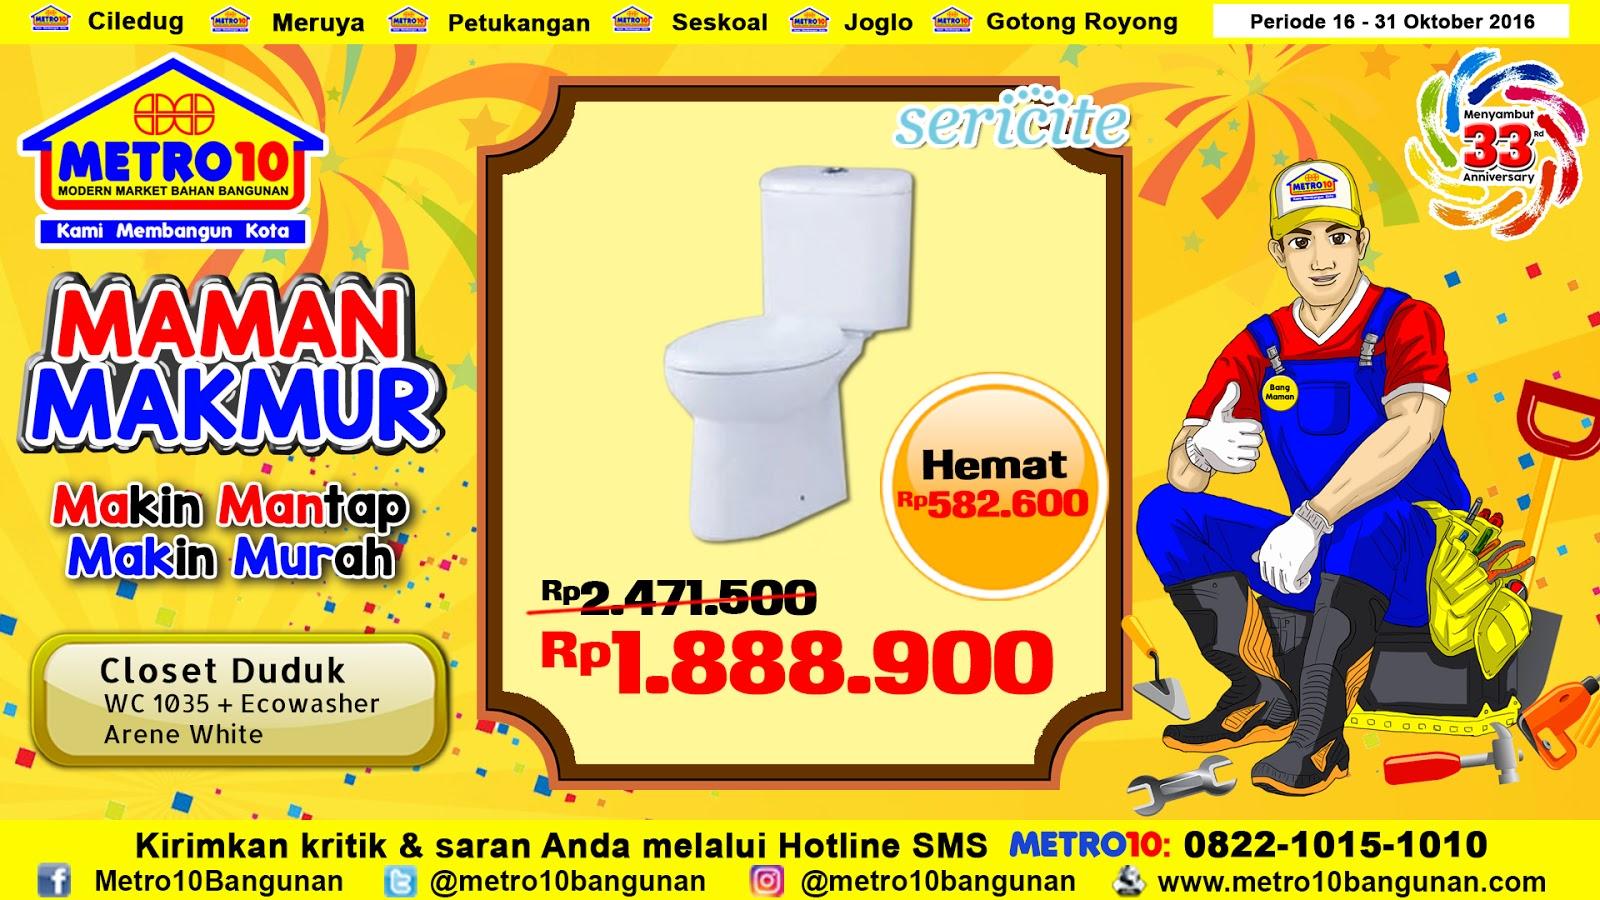 Metro 10 Bangunan Katalog METRO10 16